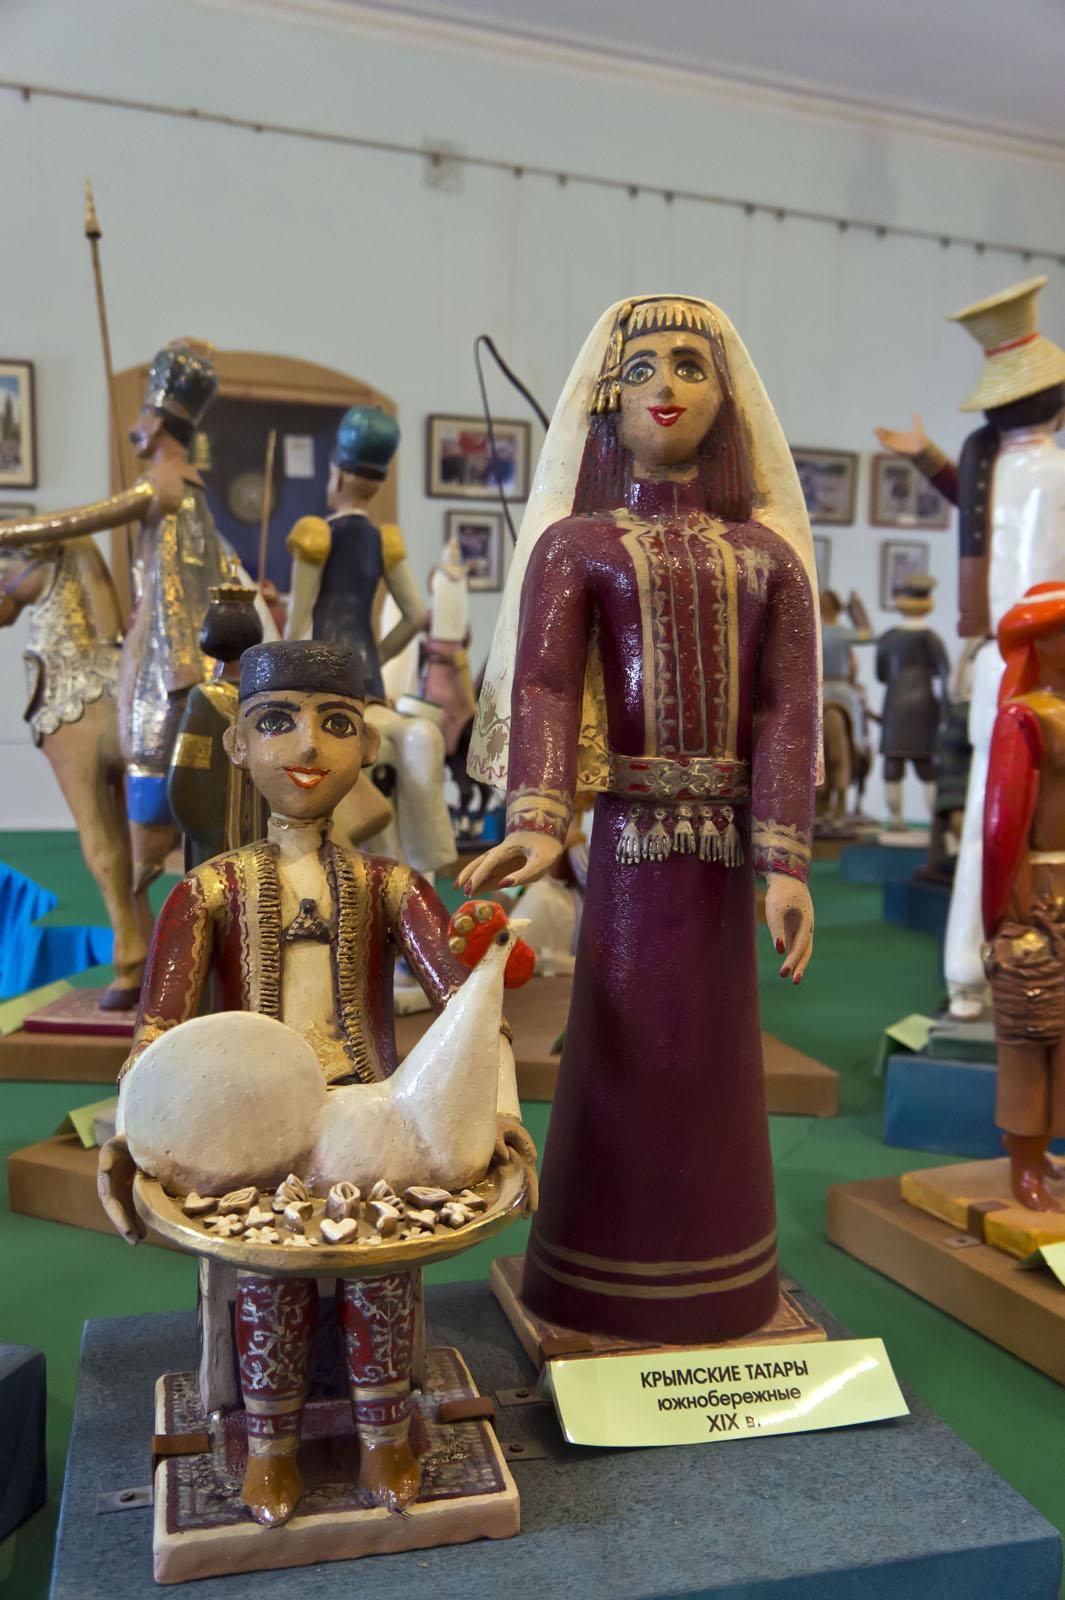 Фото №70704. Крымские татары южнобережные XIX век